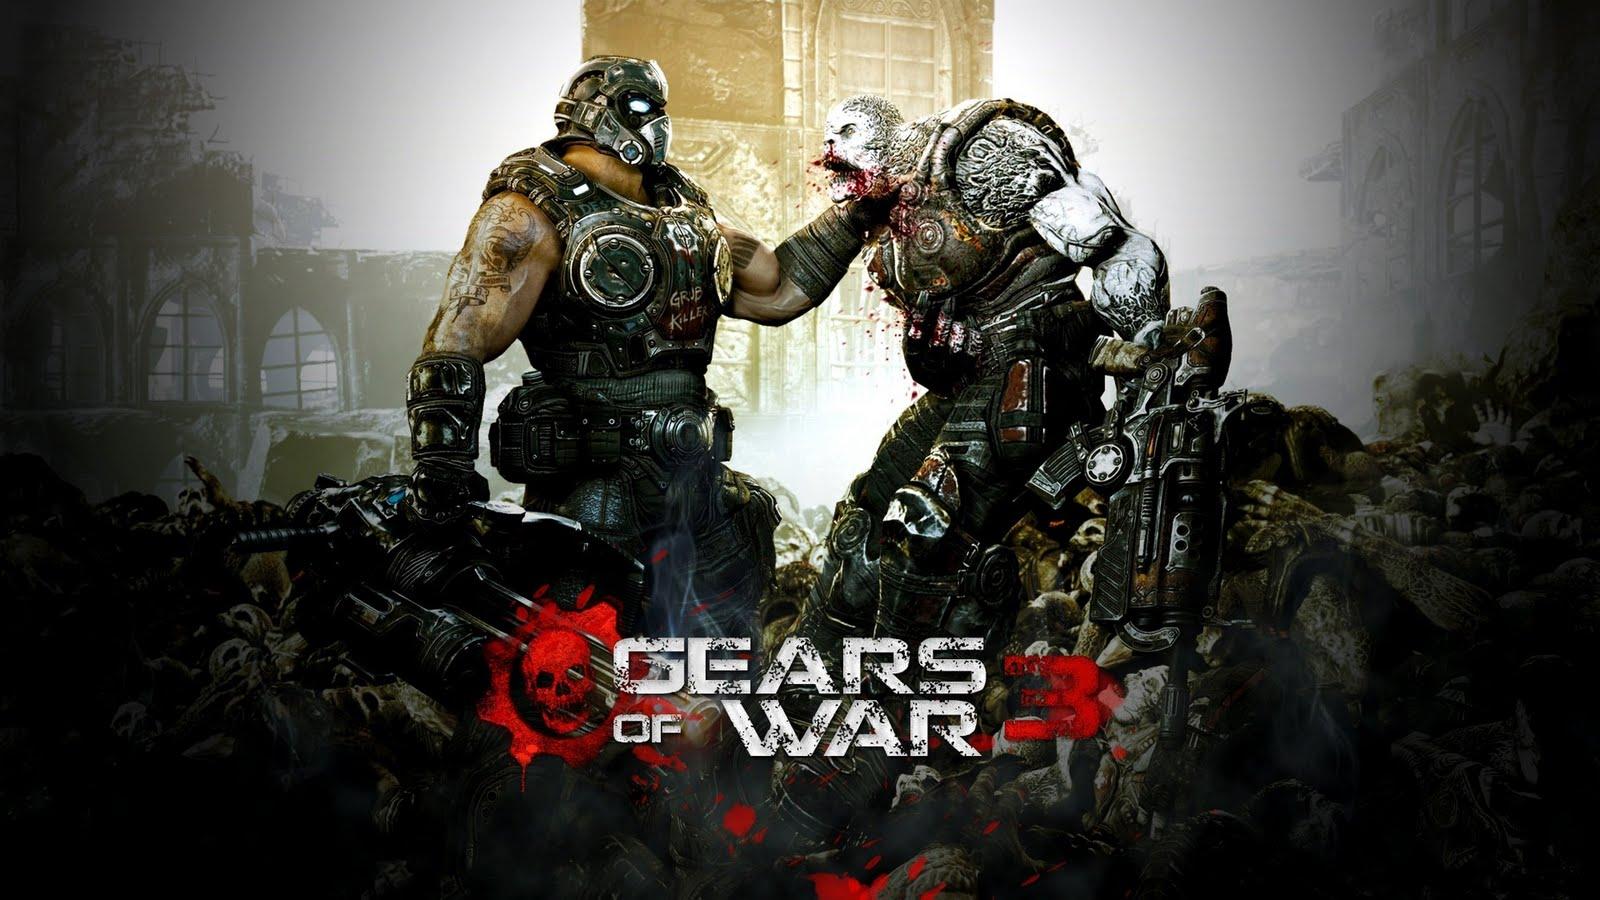 http://4.bp.blogspot.com/-x_l6S19-N9w/TlvgxgWeAfI/AAAAAAAADCU/Zh2Qf0bOqXs/s1600/Gears+of+war+3+wallpapers+%252813%2529.jpg